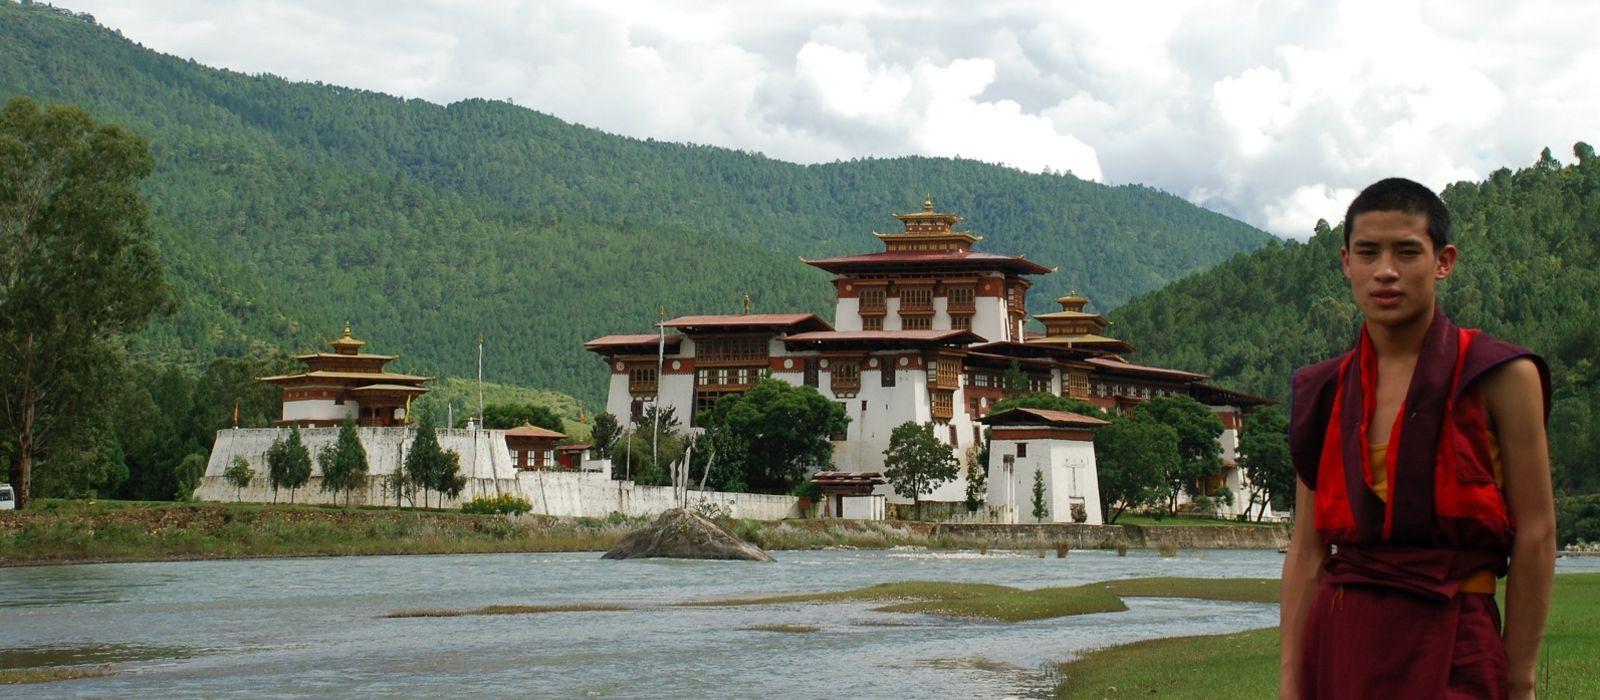 Himalaya und Inselparadies – Bhutan & Thailand Luxusreise Urlaub 5